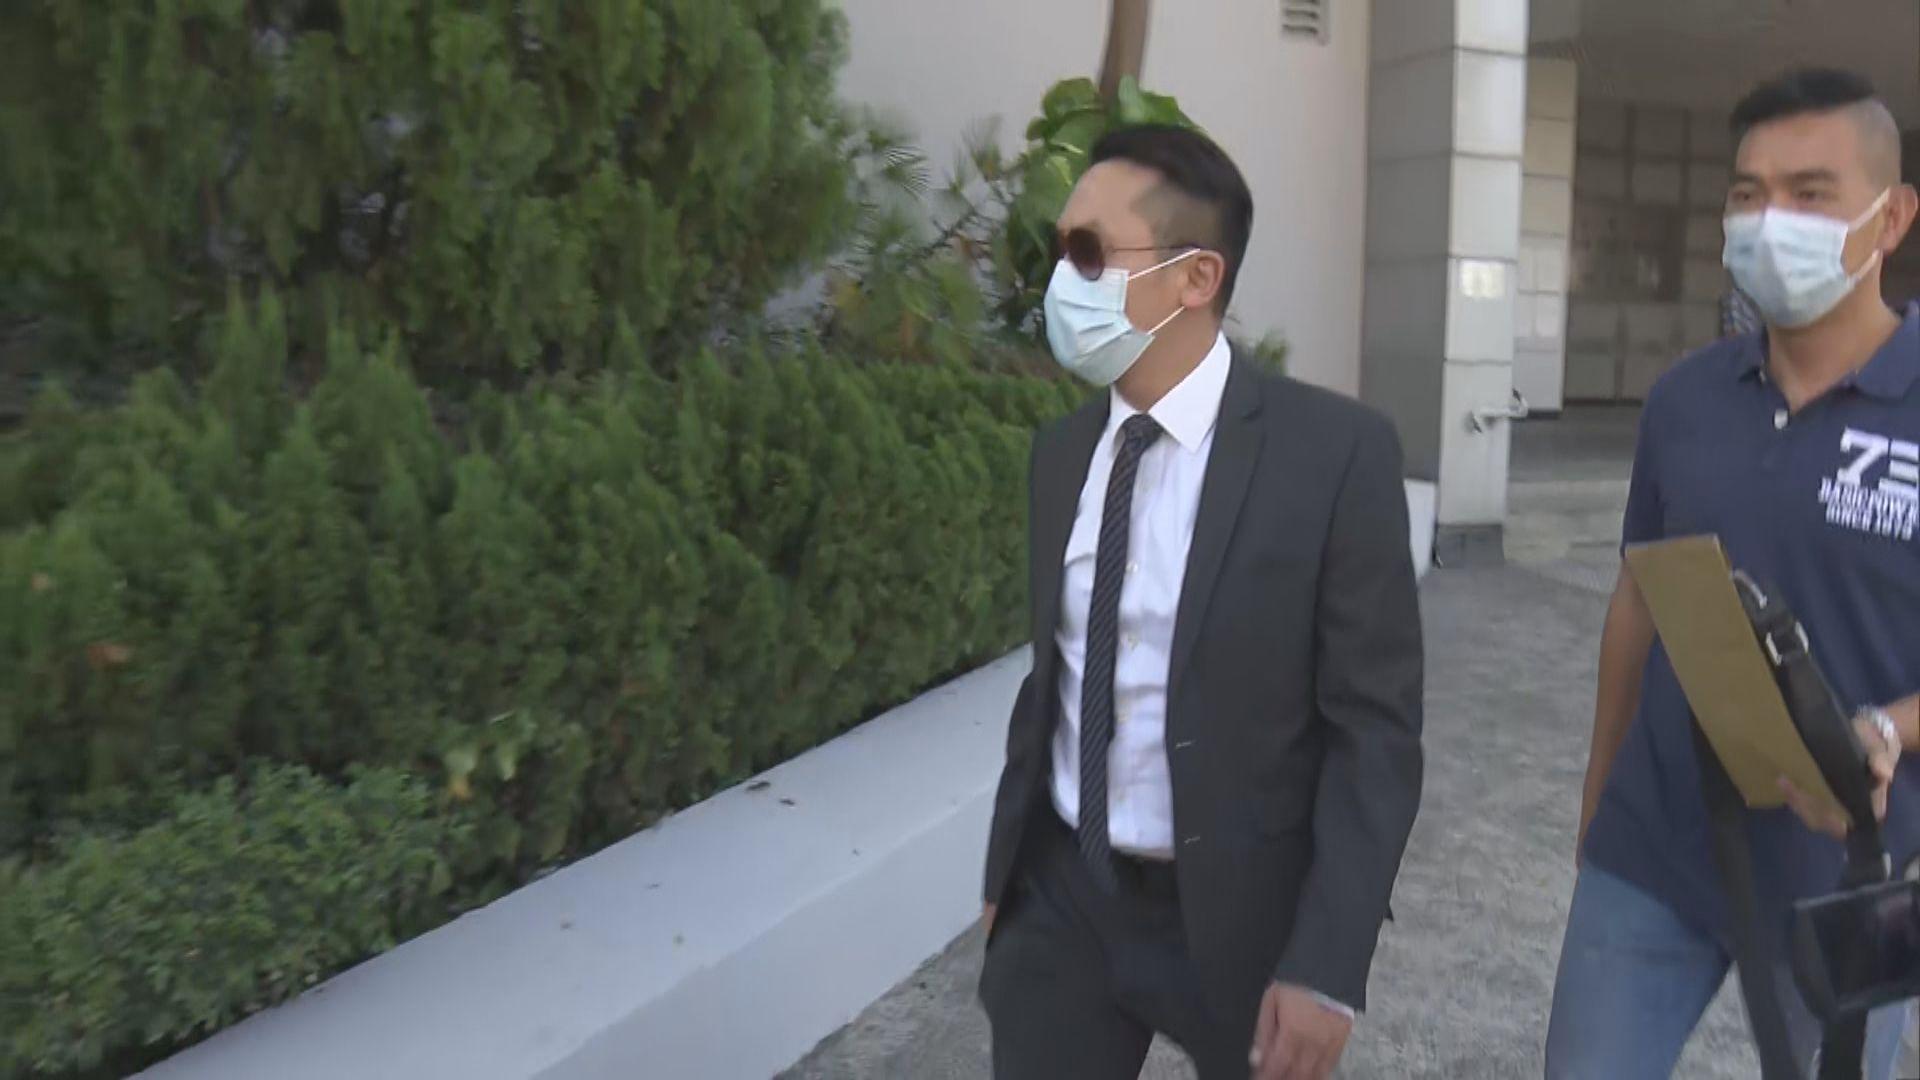 警長涉拉扯女警頭髮 承認普通襲擊罪11月判刑